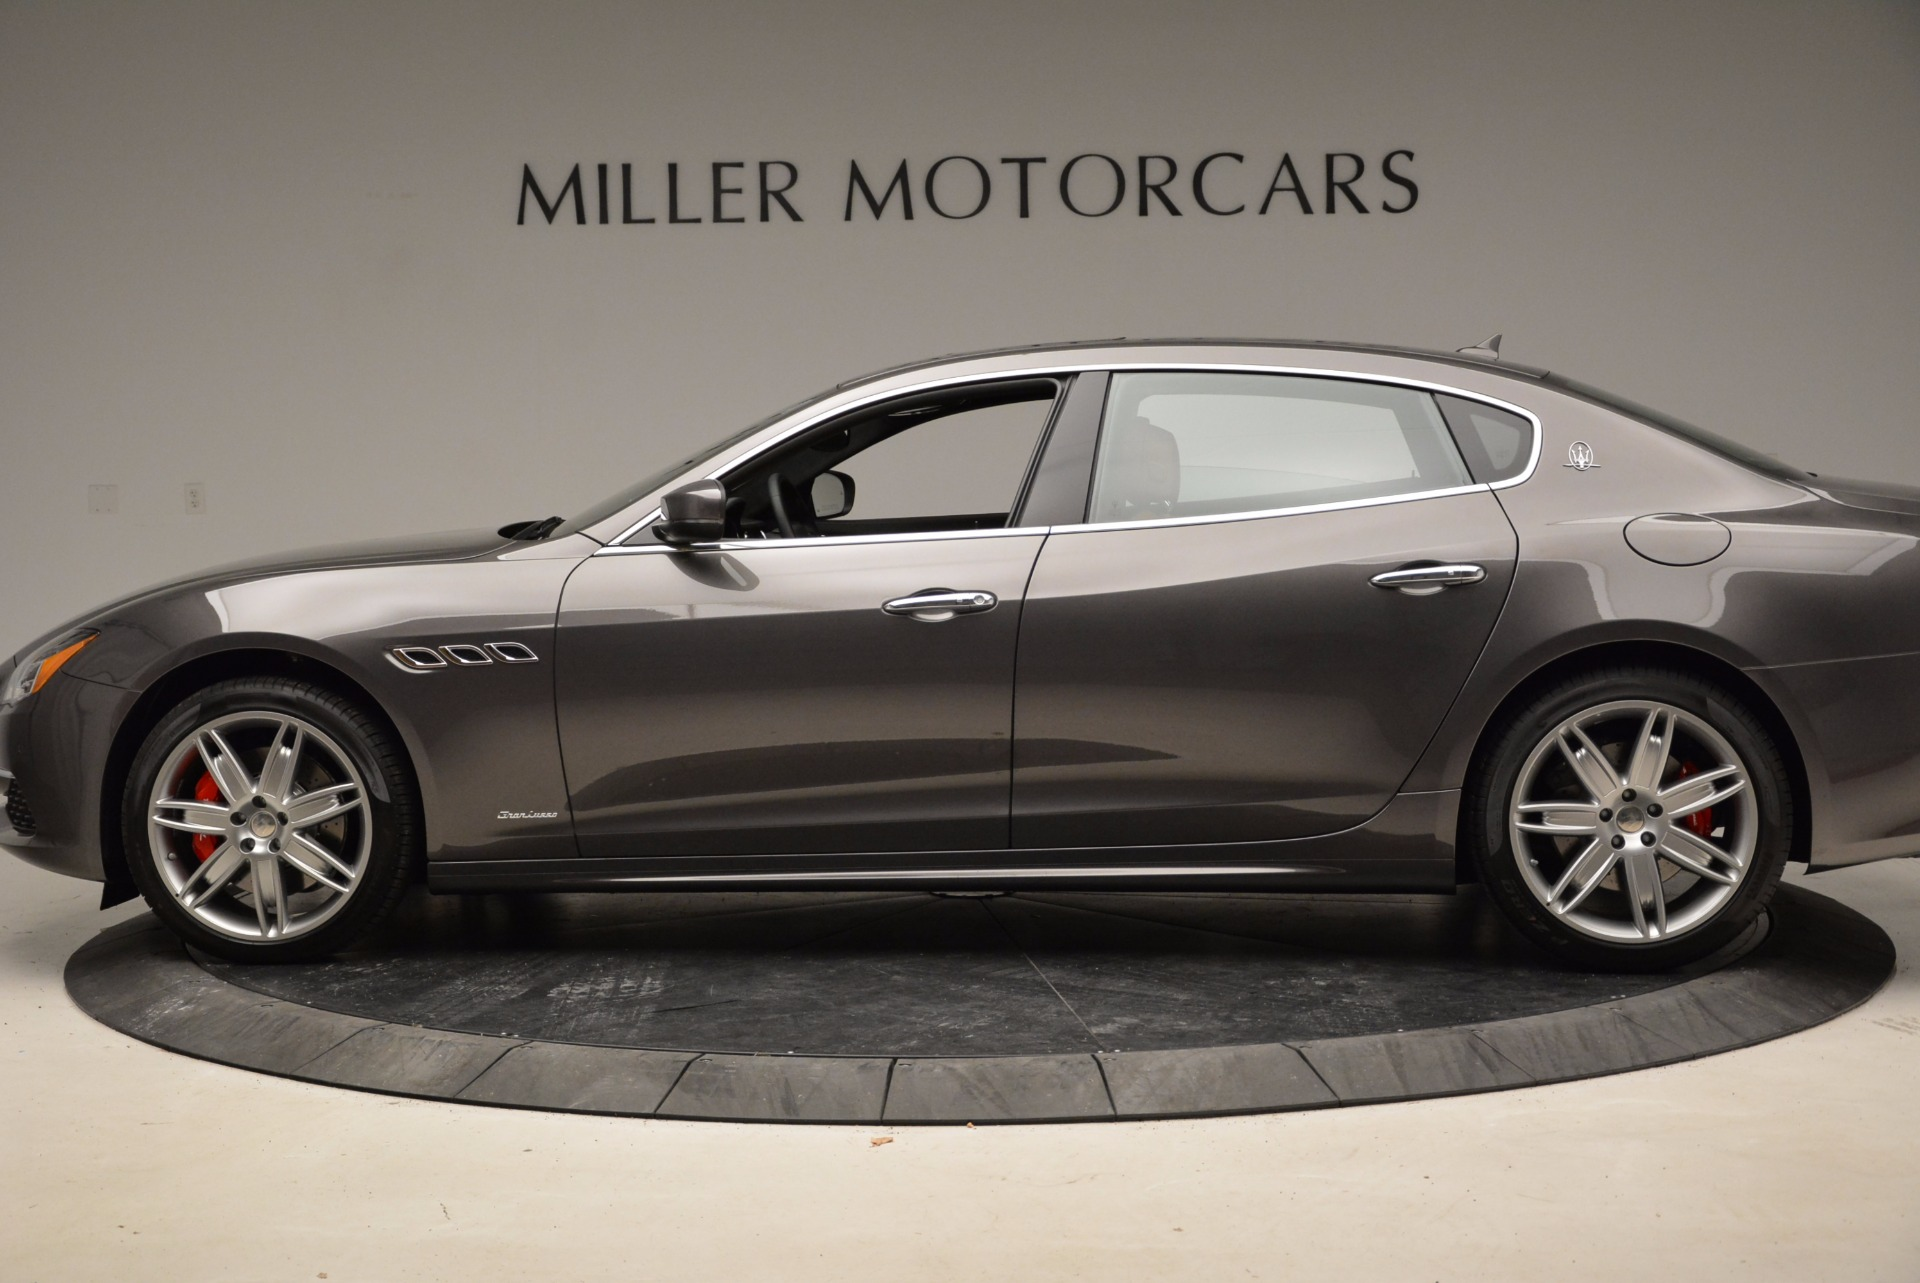 New 2018 Maserati Quattroporte S Q4 GranLusso For Sale In Greenwich, CT. Alfa Romeo of Greenwich, W544 1888_p4